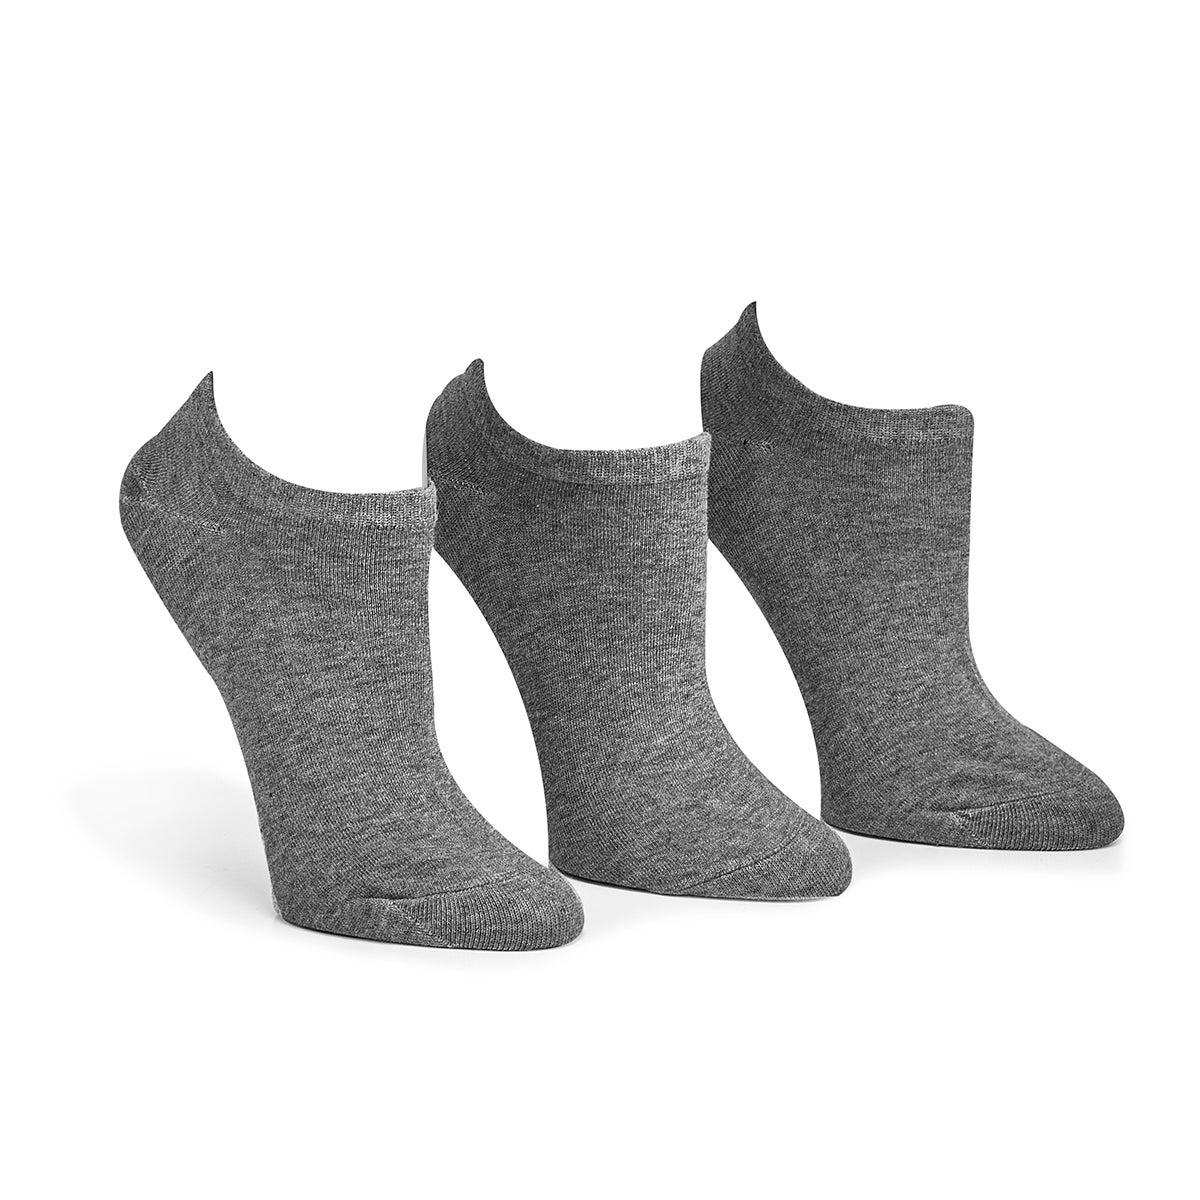 Socquettes CONVERSE, gris, femmes